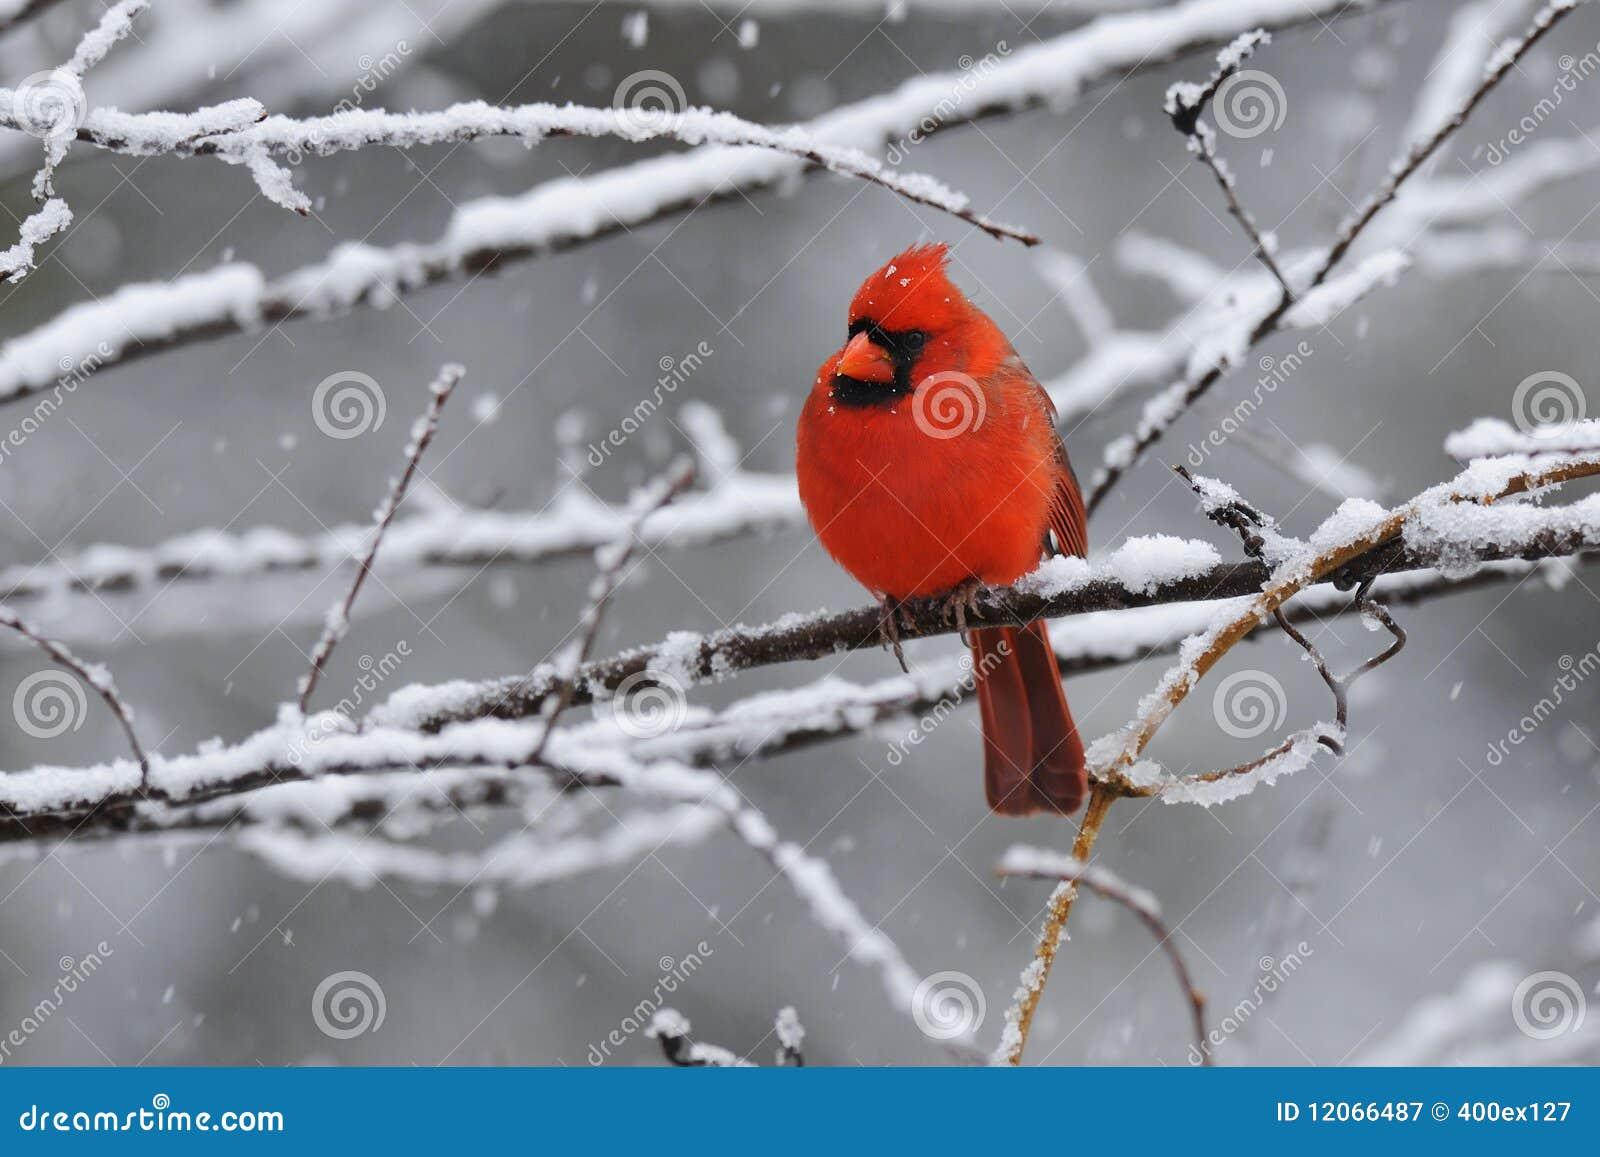 Cardinal Snow 4